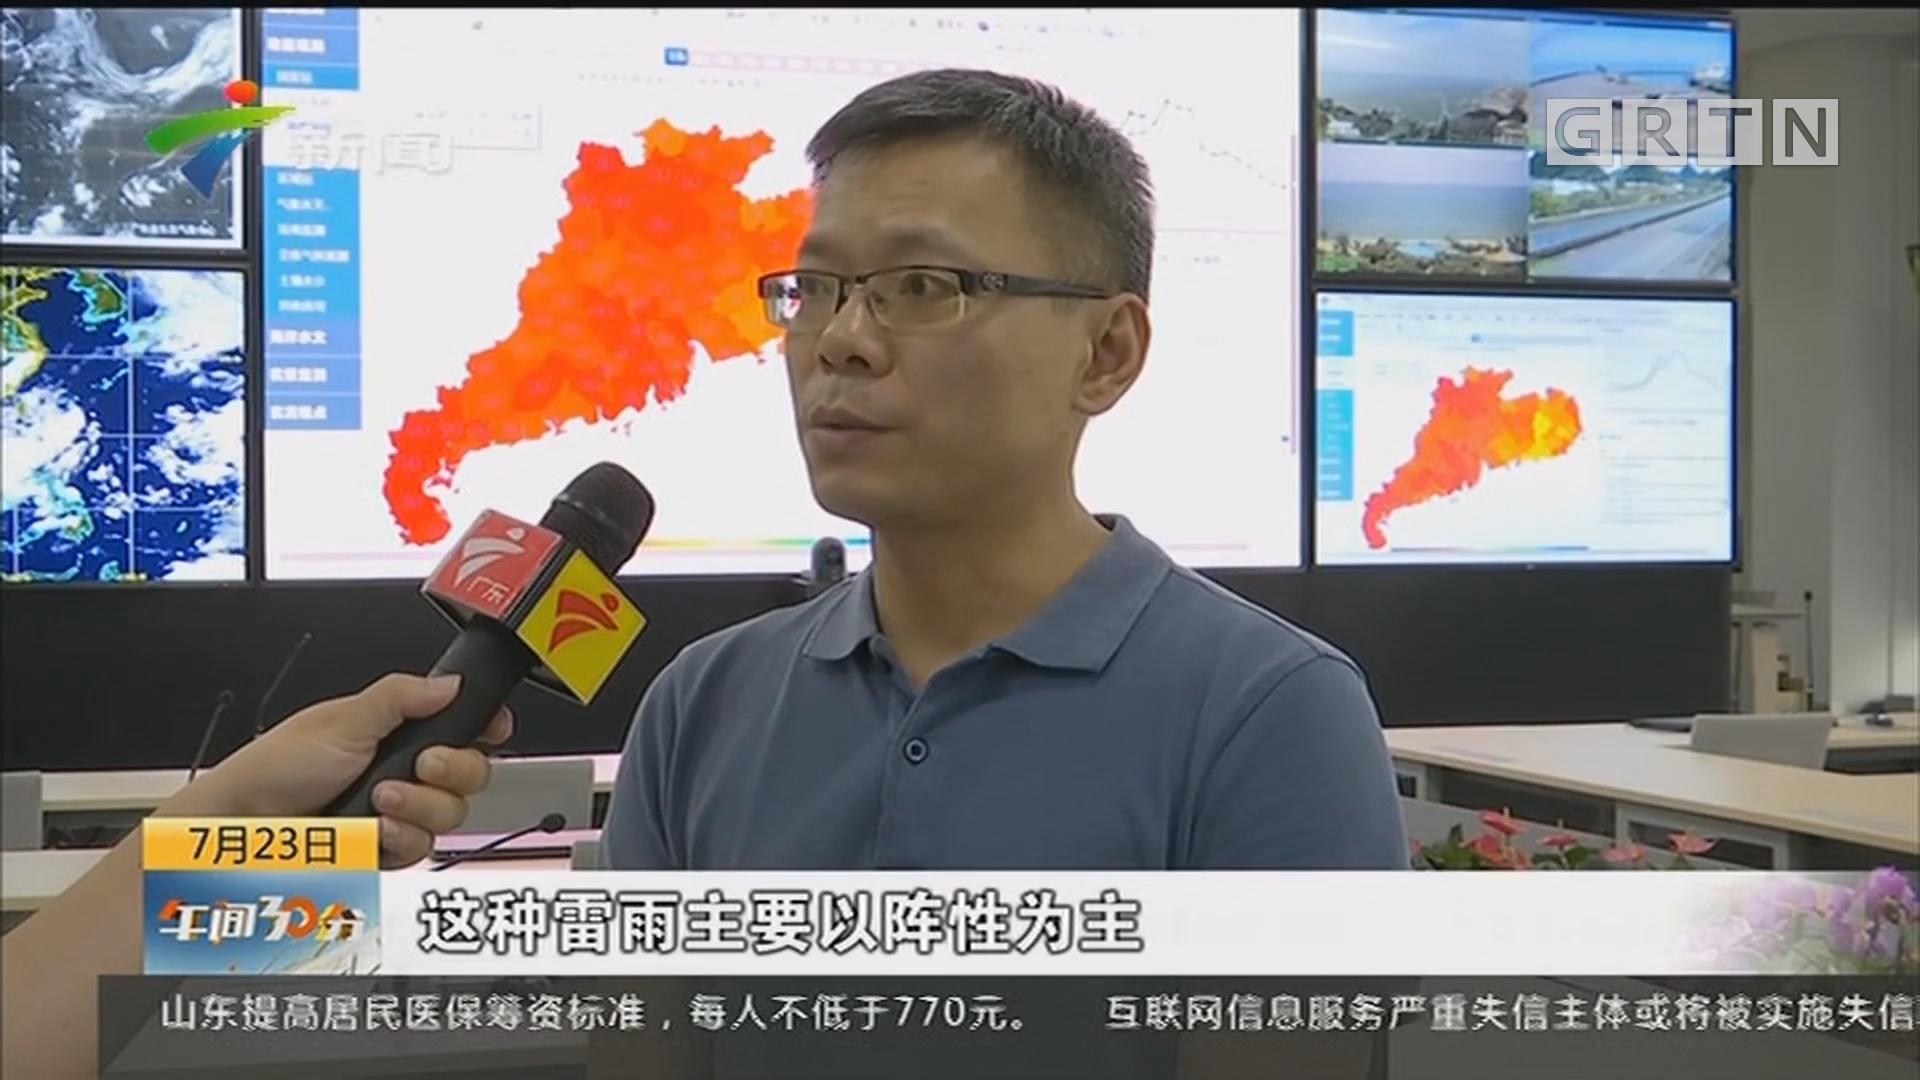 大暑防暑提醒:预计未来三天 广东持续高温伴有雷雨